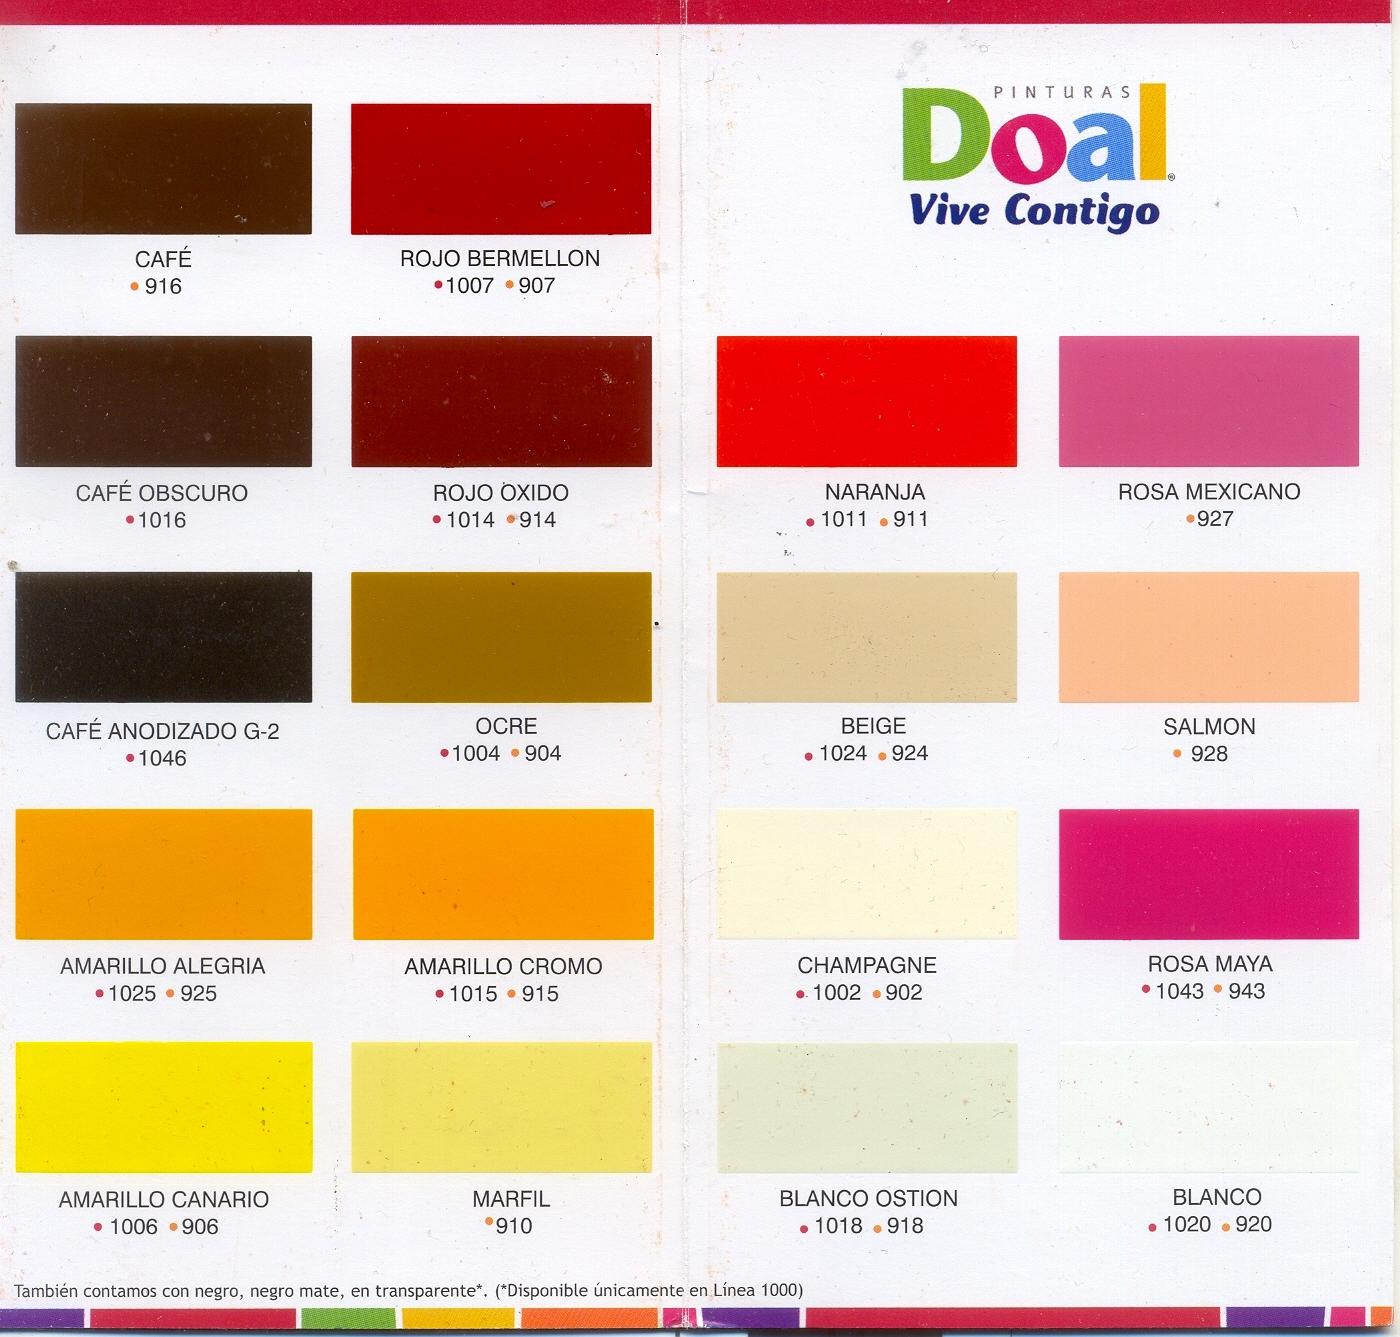 Regio protectores muestrario de colores Catalogo pinturas interior